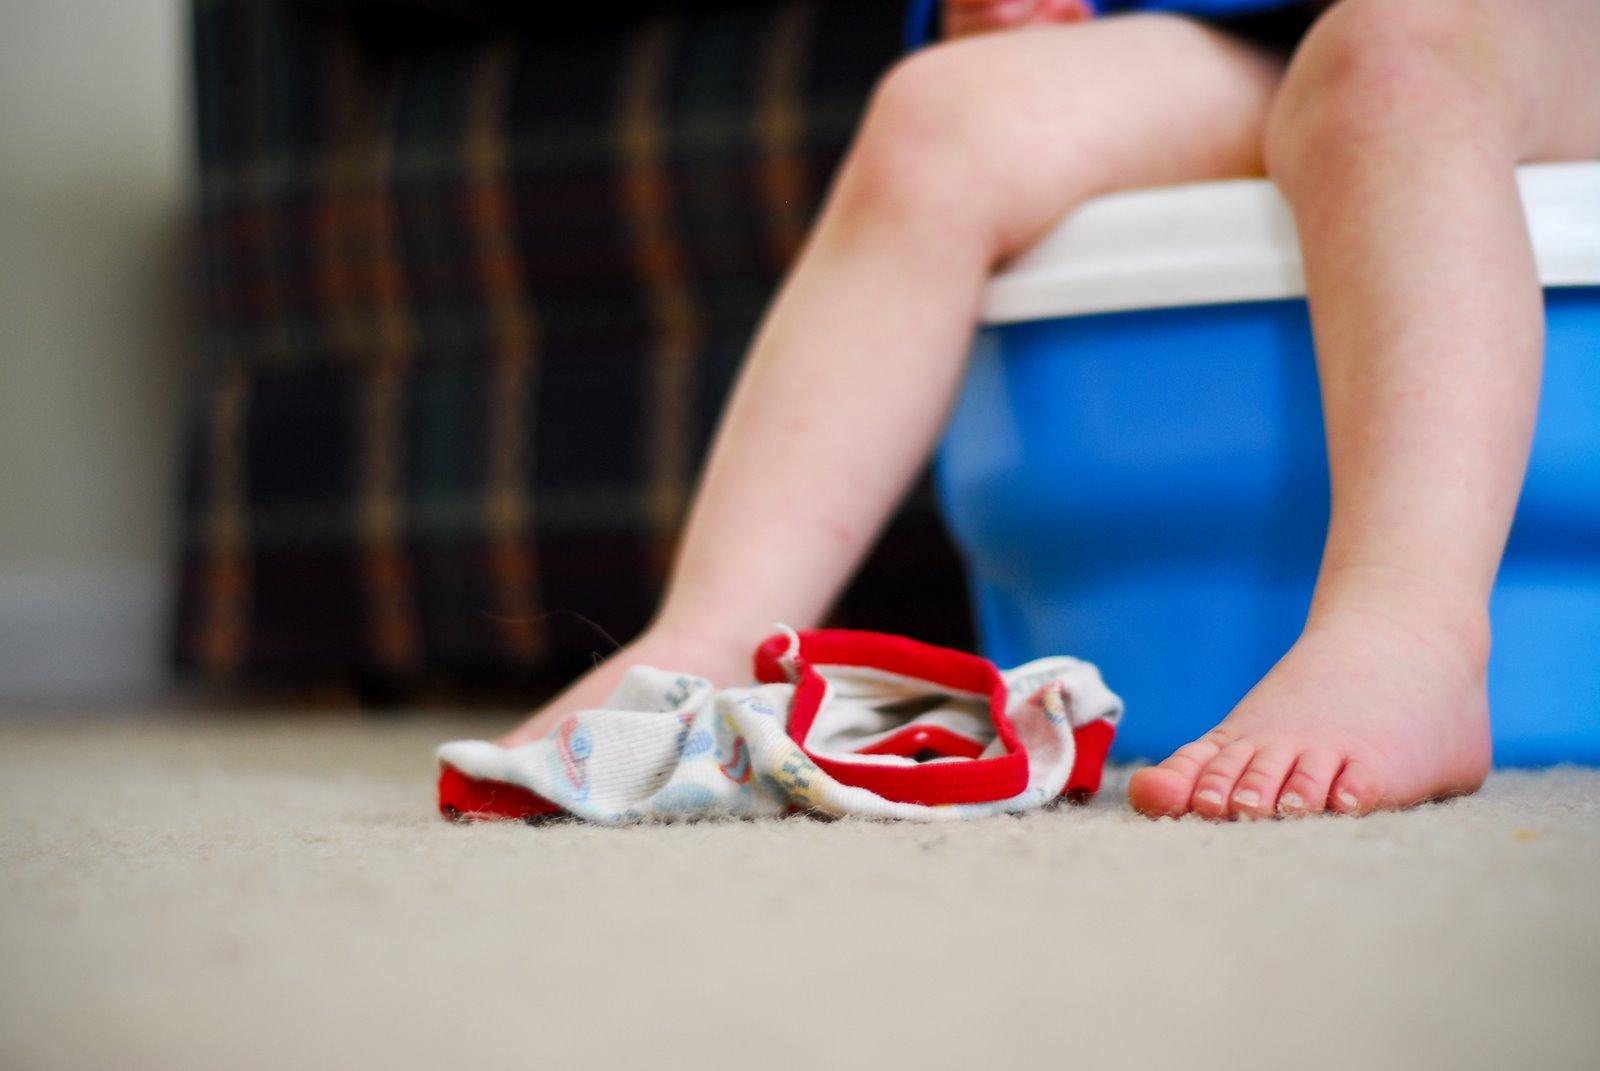 Tidak Cuma Moms, Dads Juga Bisa Ajari Si Kecil Potty Training